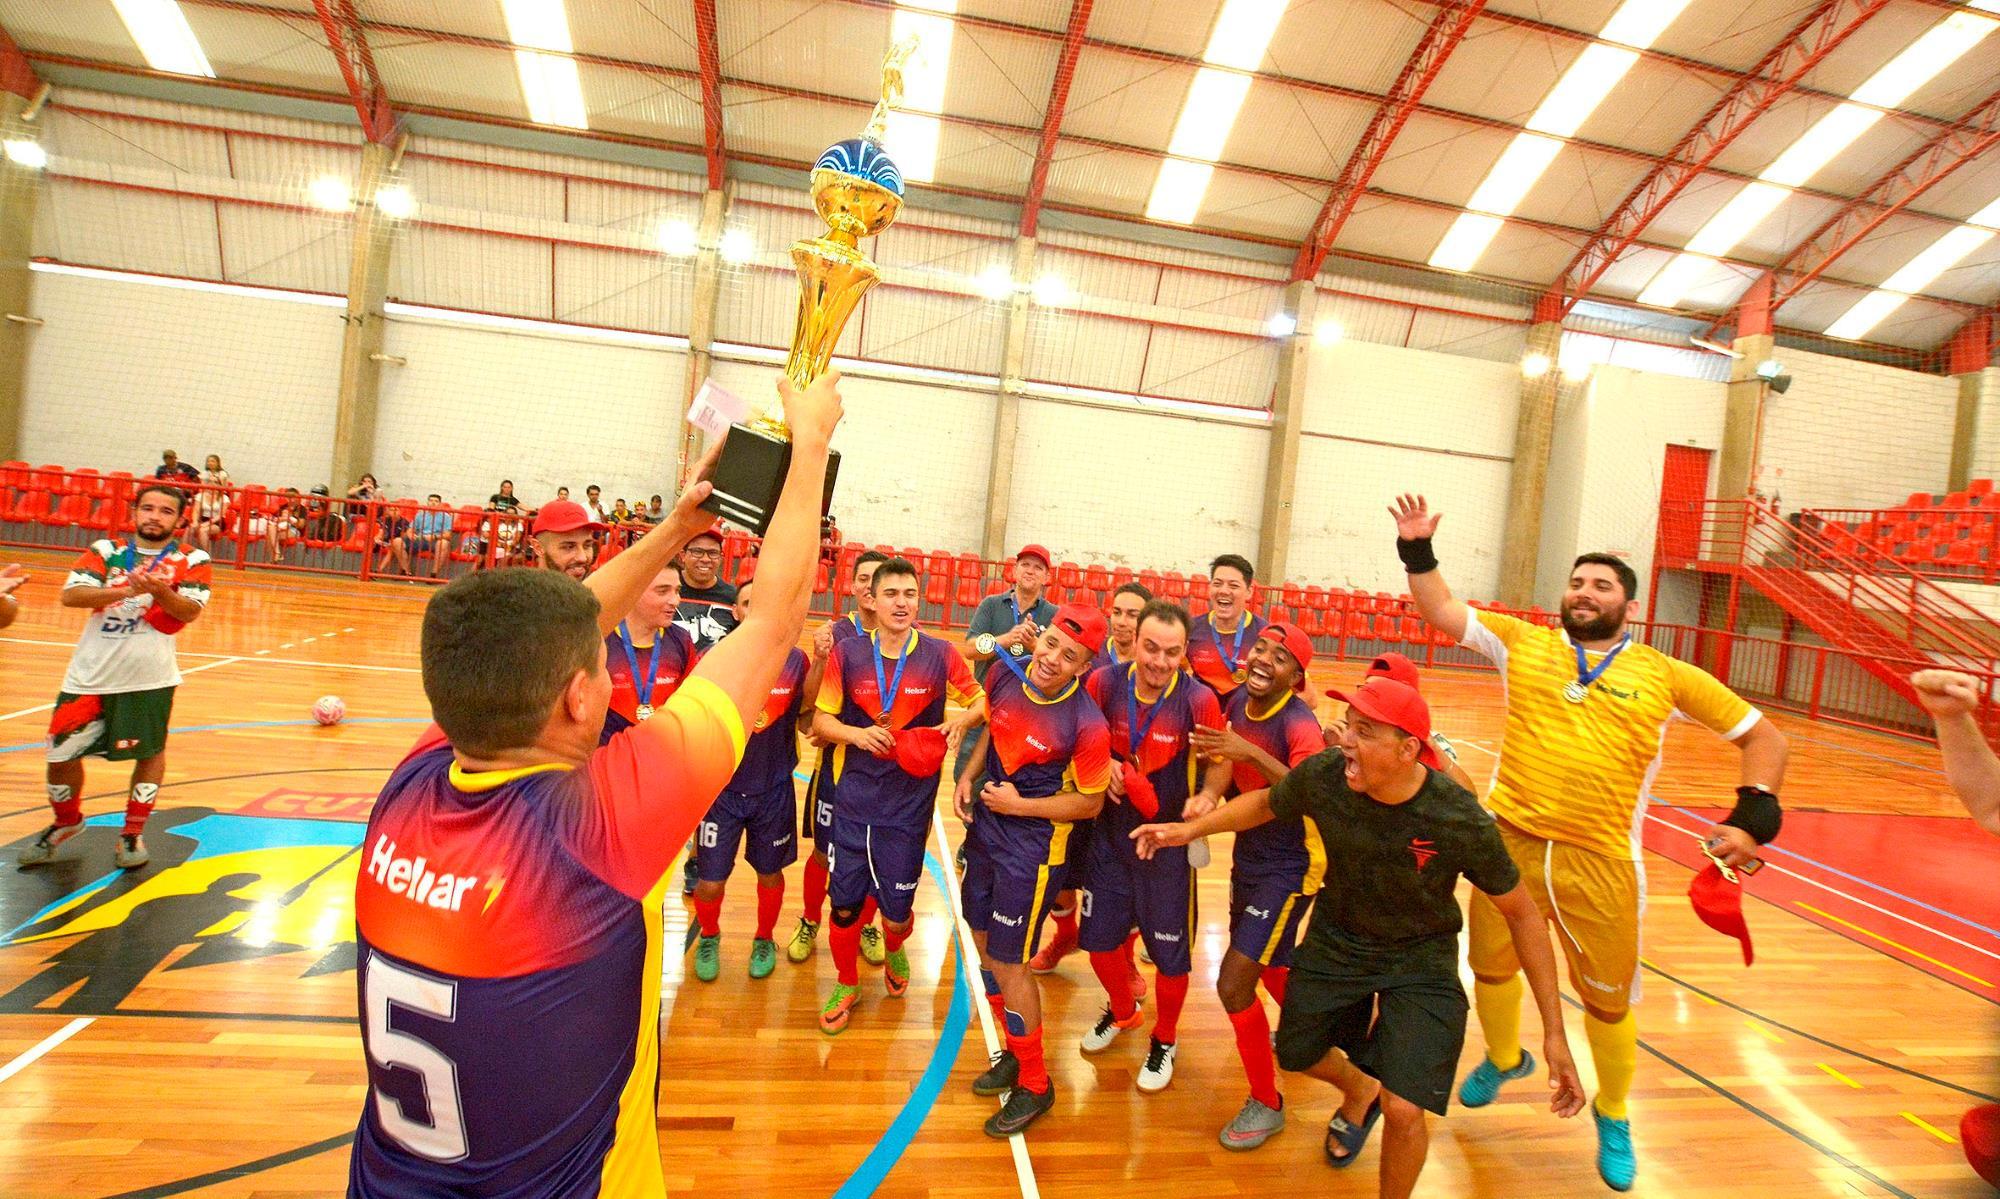 Equipe Clarios é bicampeã da Taça Papagaio do SMetal